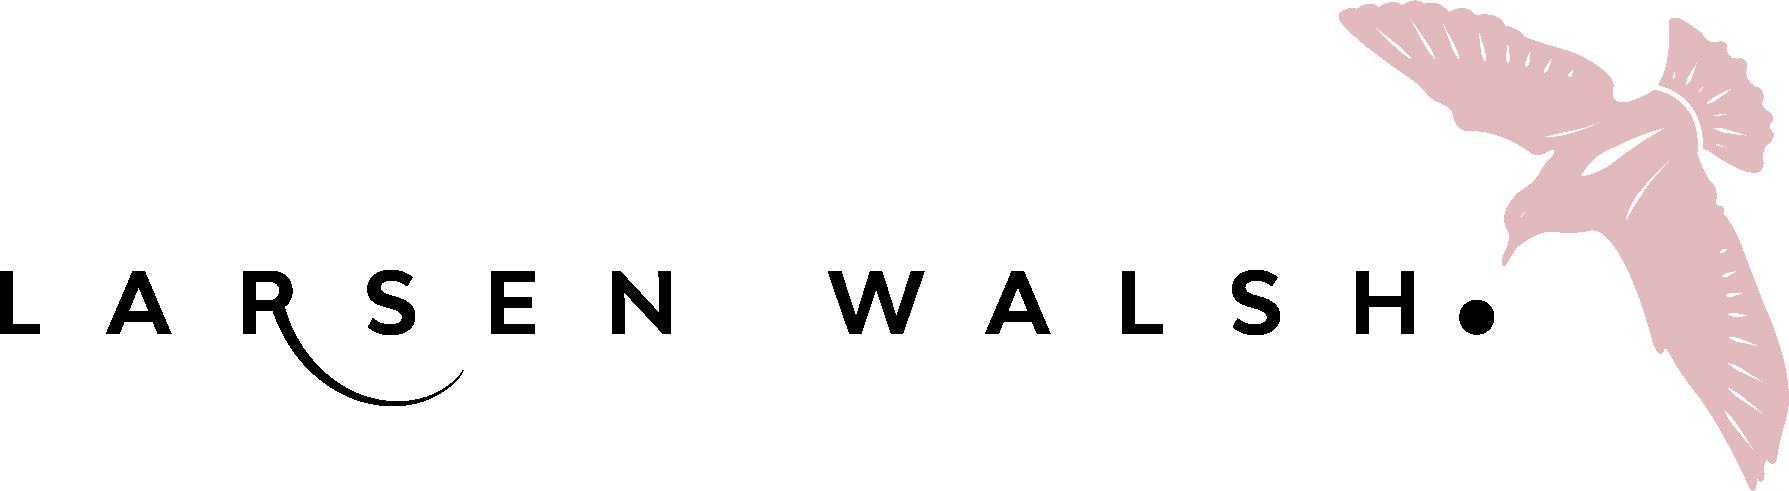 Larsen Walsh